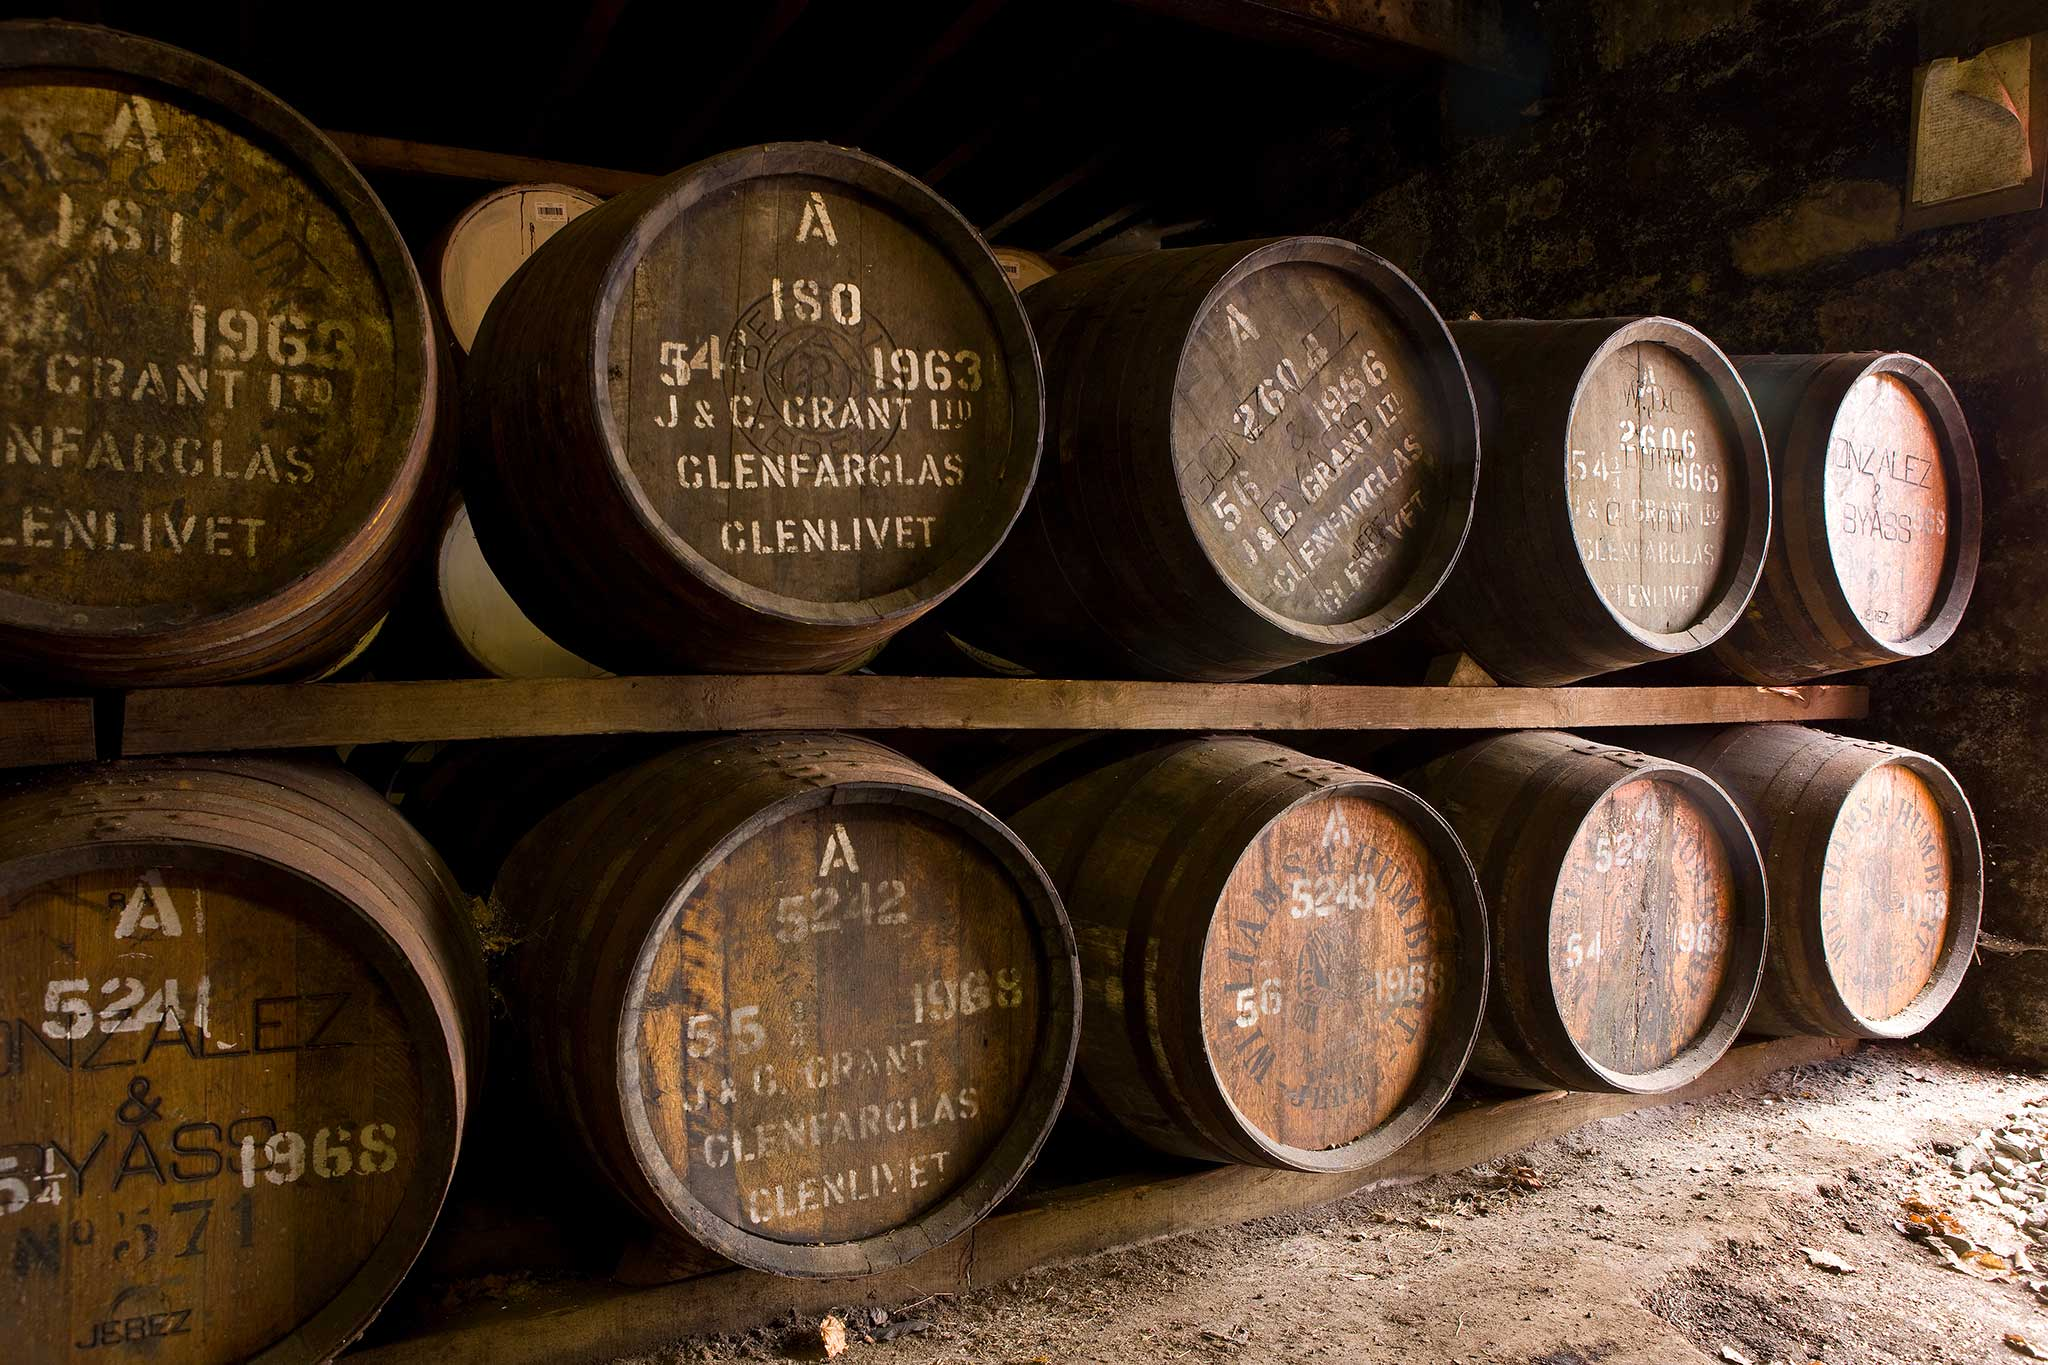 Whisky z ex sherry cask, czyli trochę o samych beczkach i ich transporcie